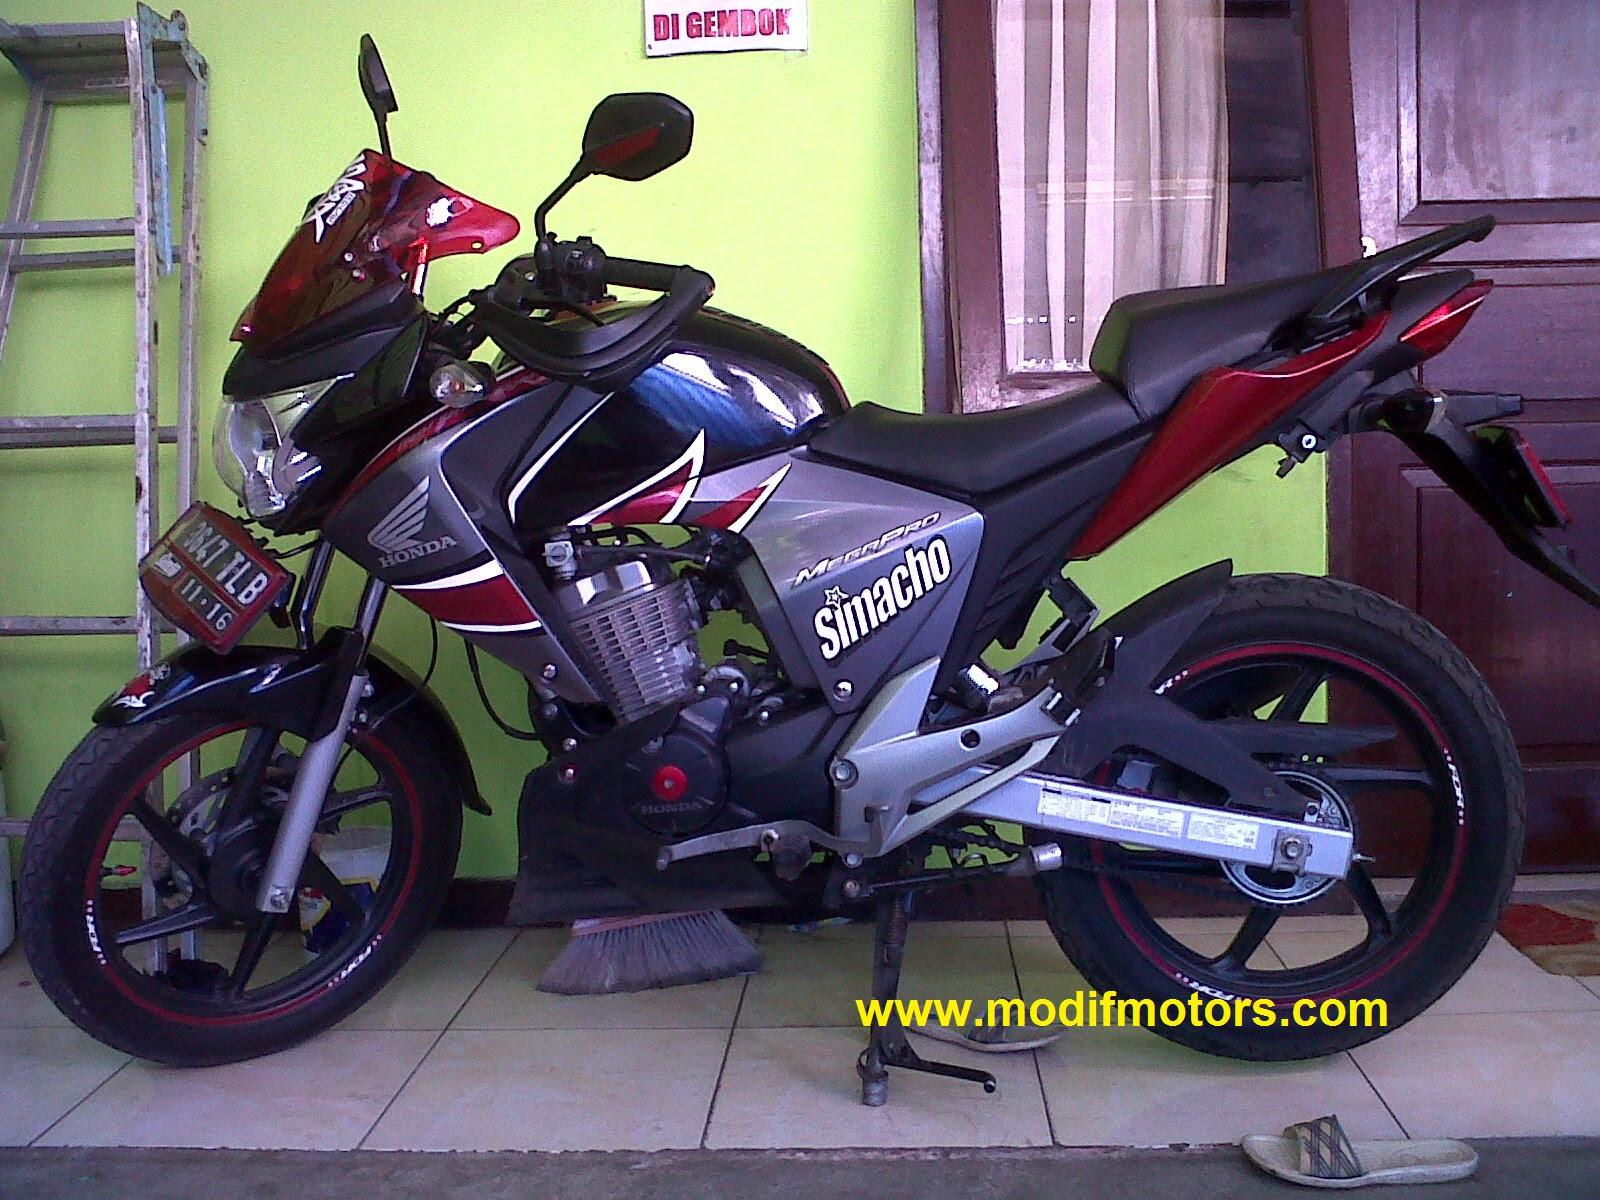 Kumpulan Modifikasi Motor Honda Mega Pro 2005 Terbaru Dan Terlengkap